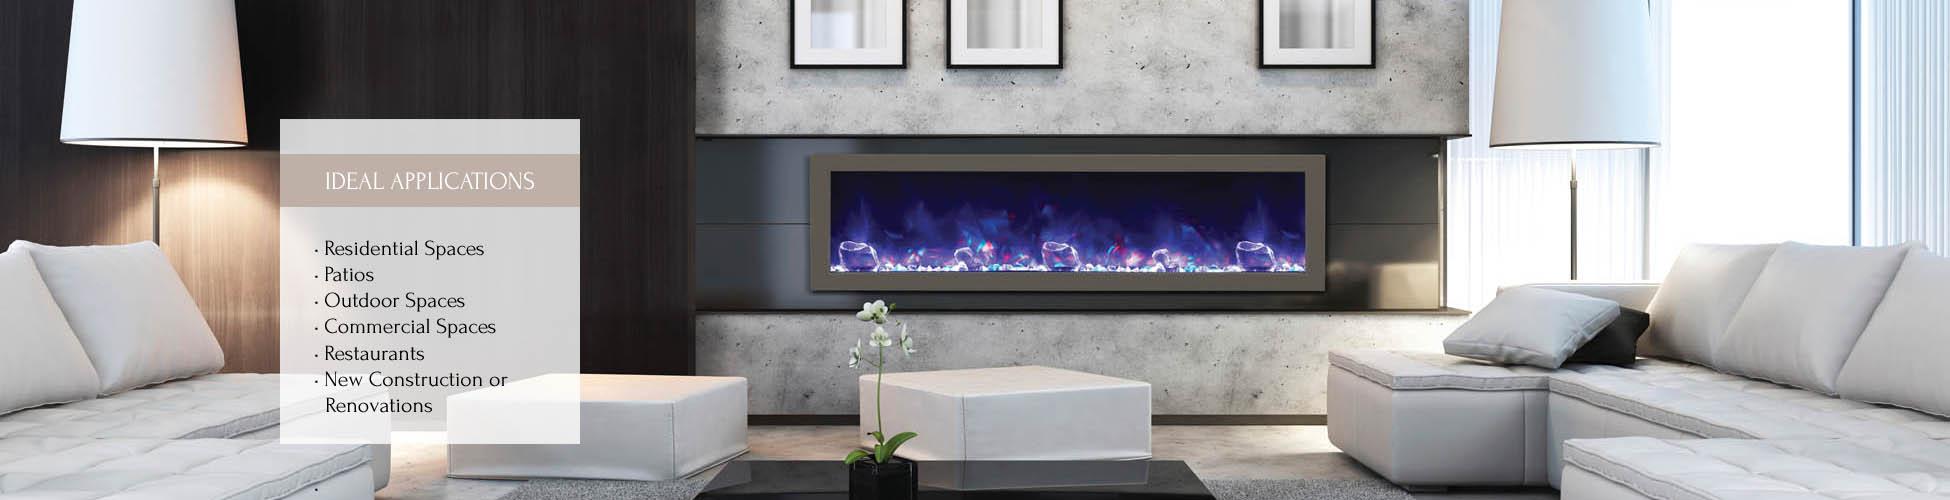 BI-60-SLIM electric fireplace by Amantii